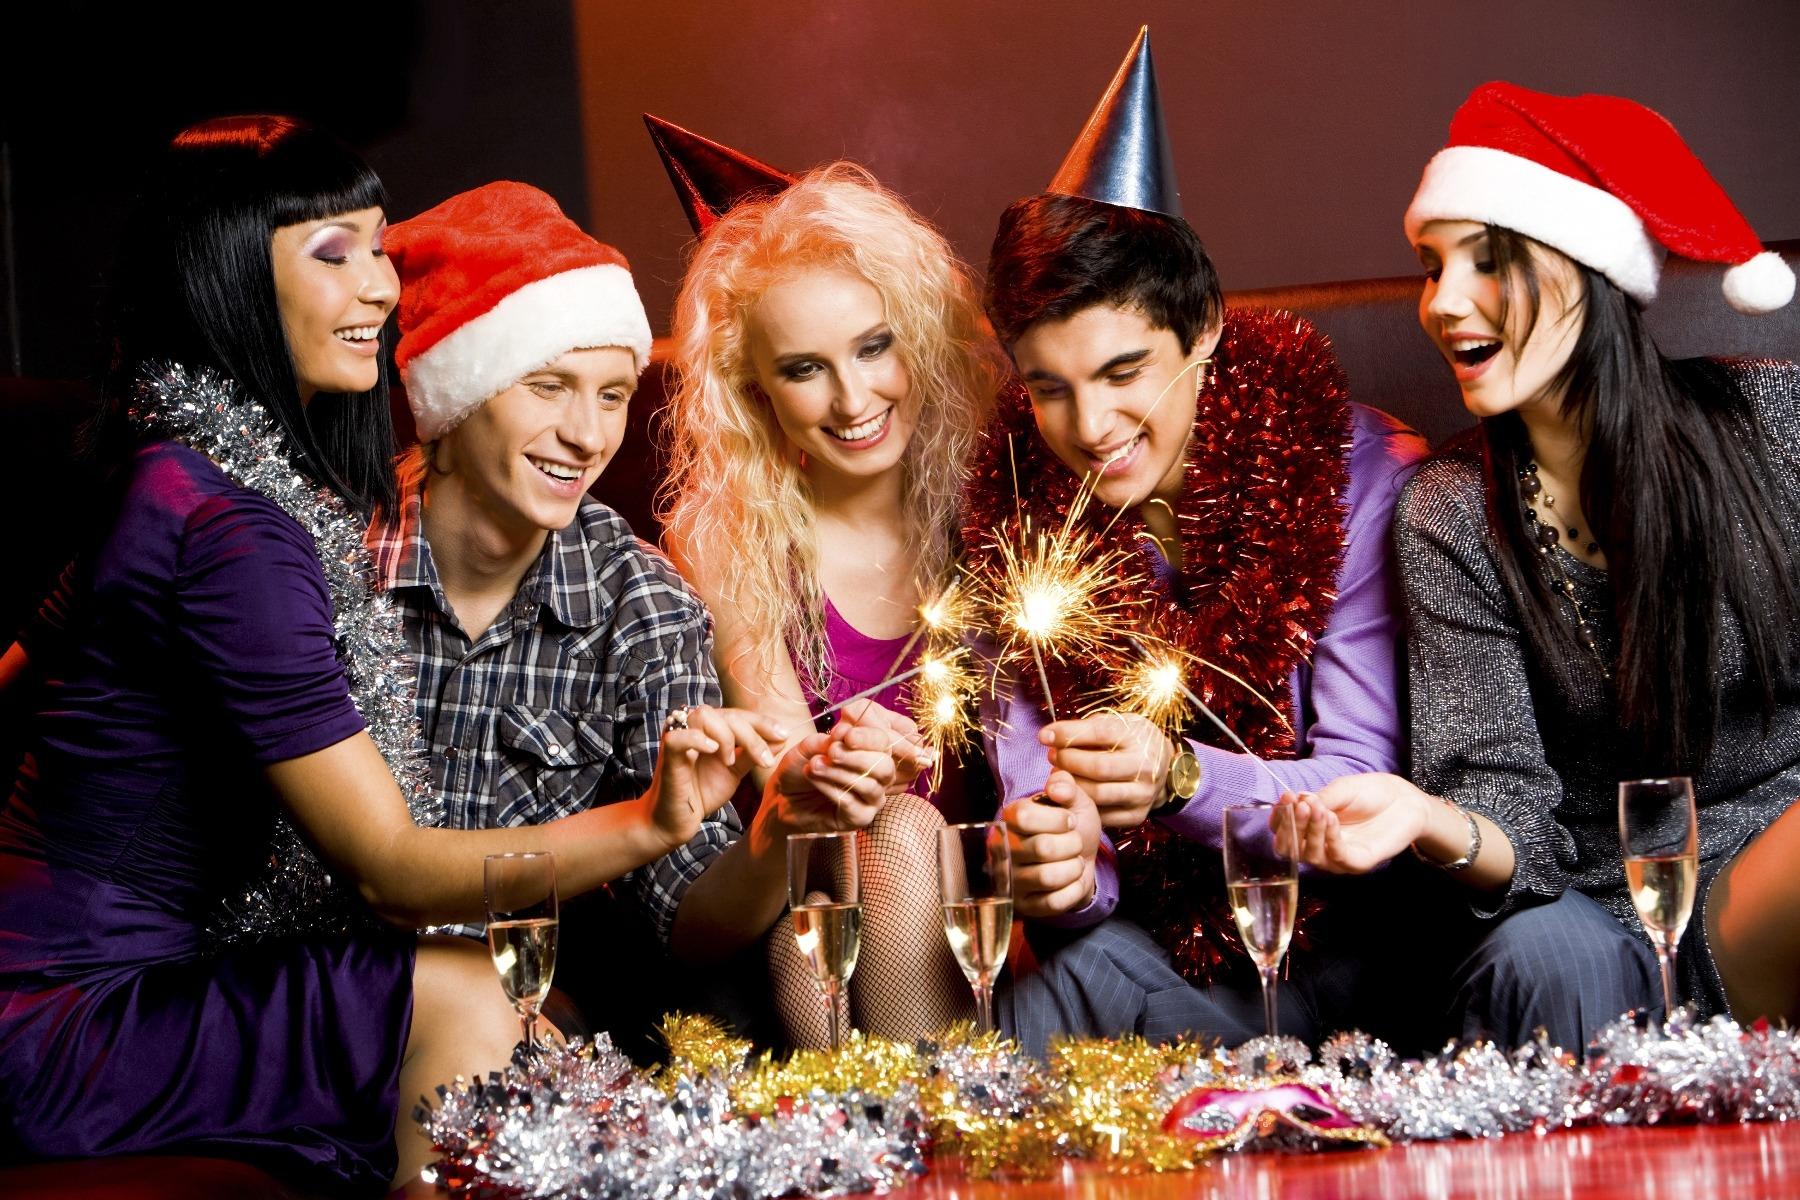 Конкурсы за столом подойдут для новогодней вечеринке